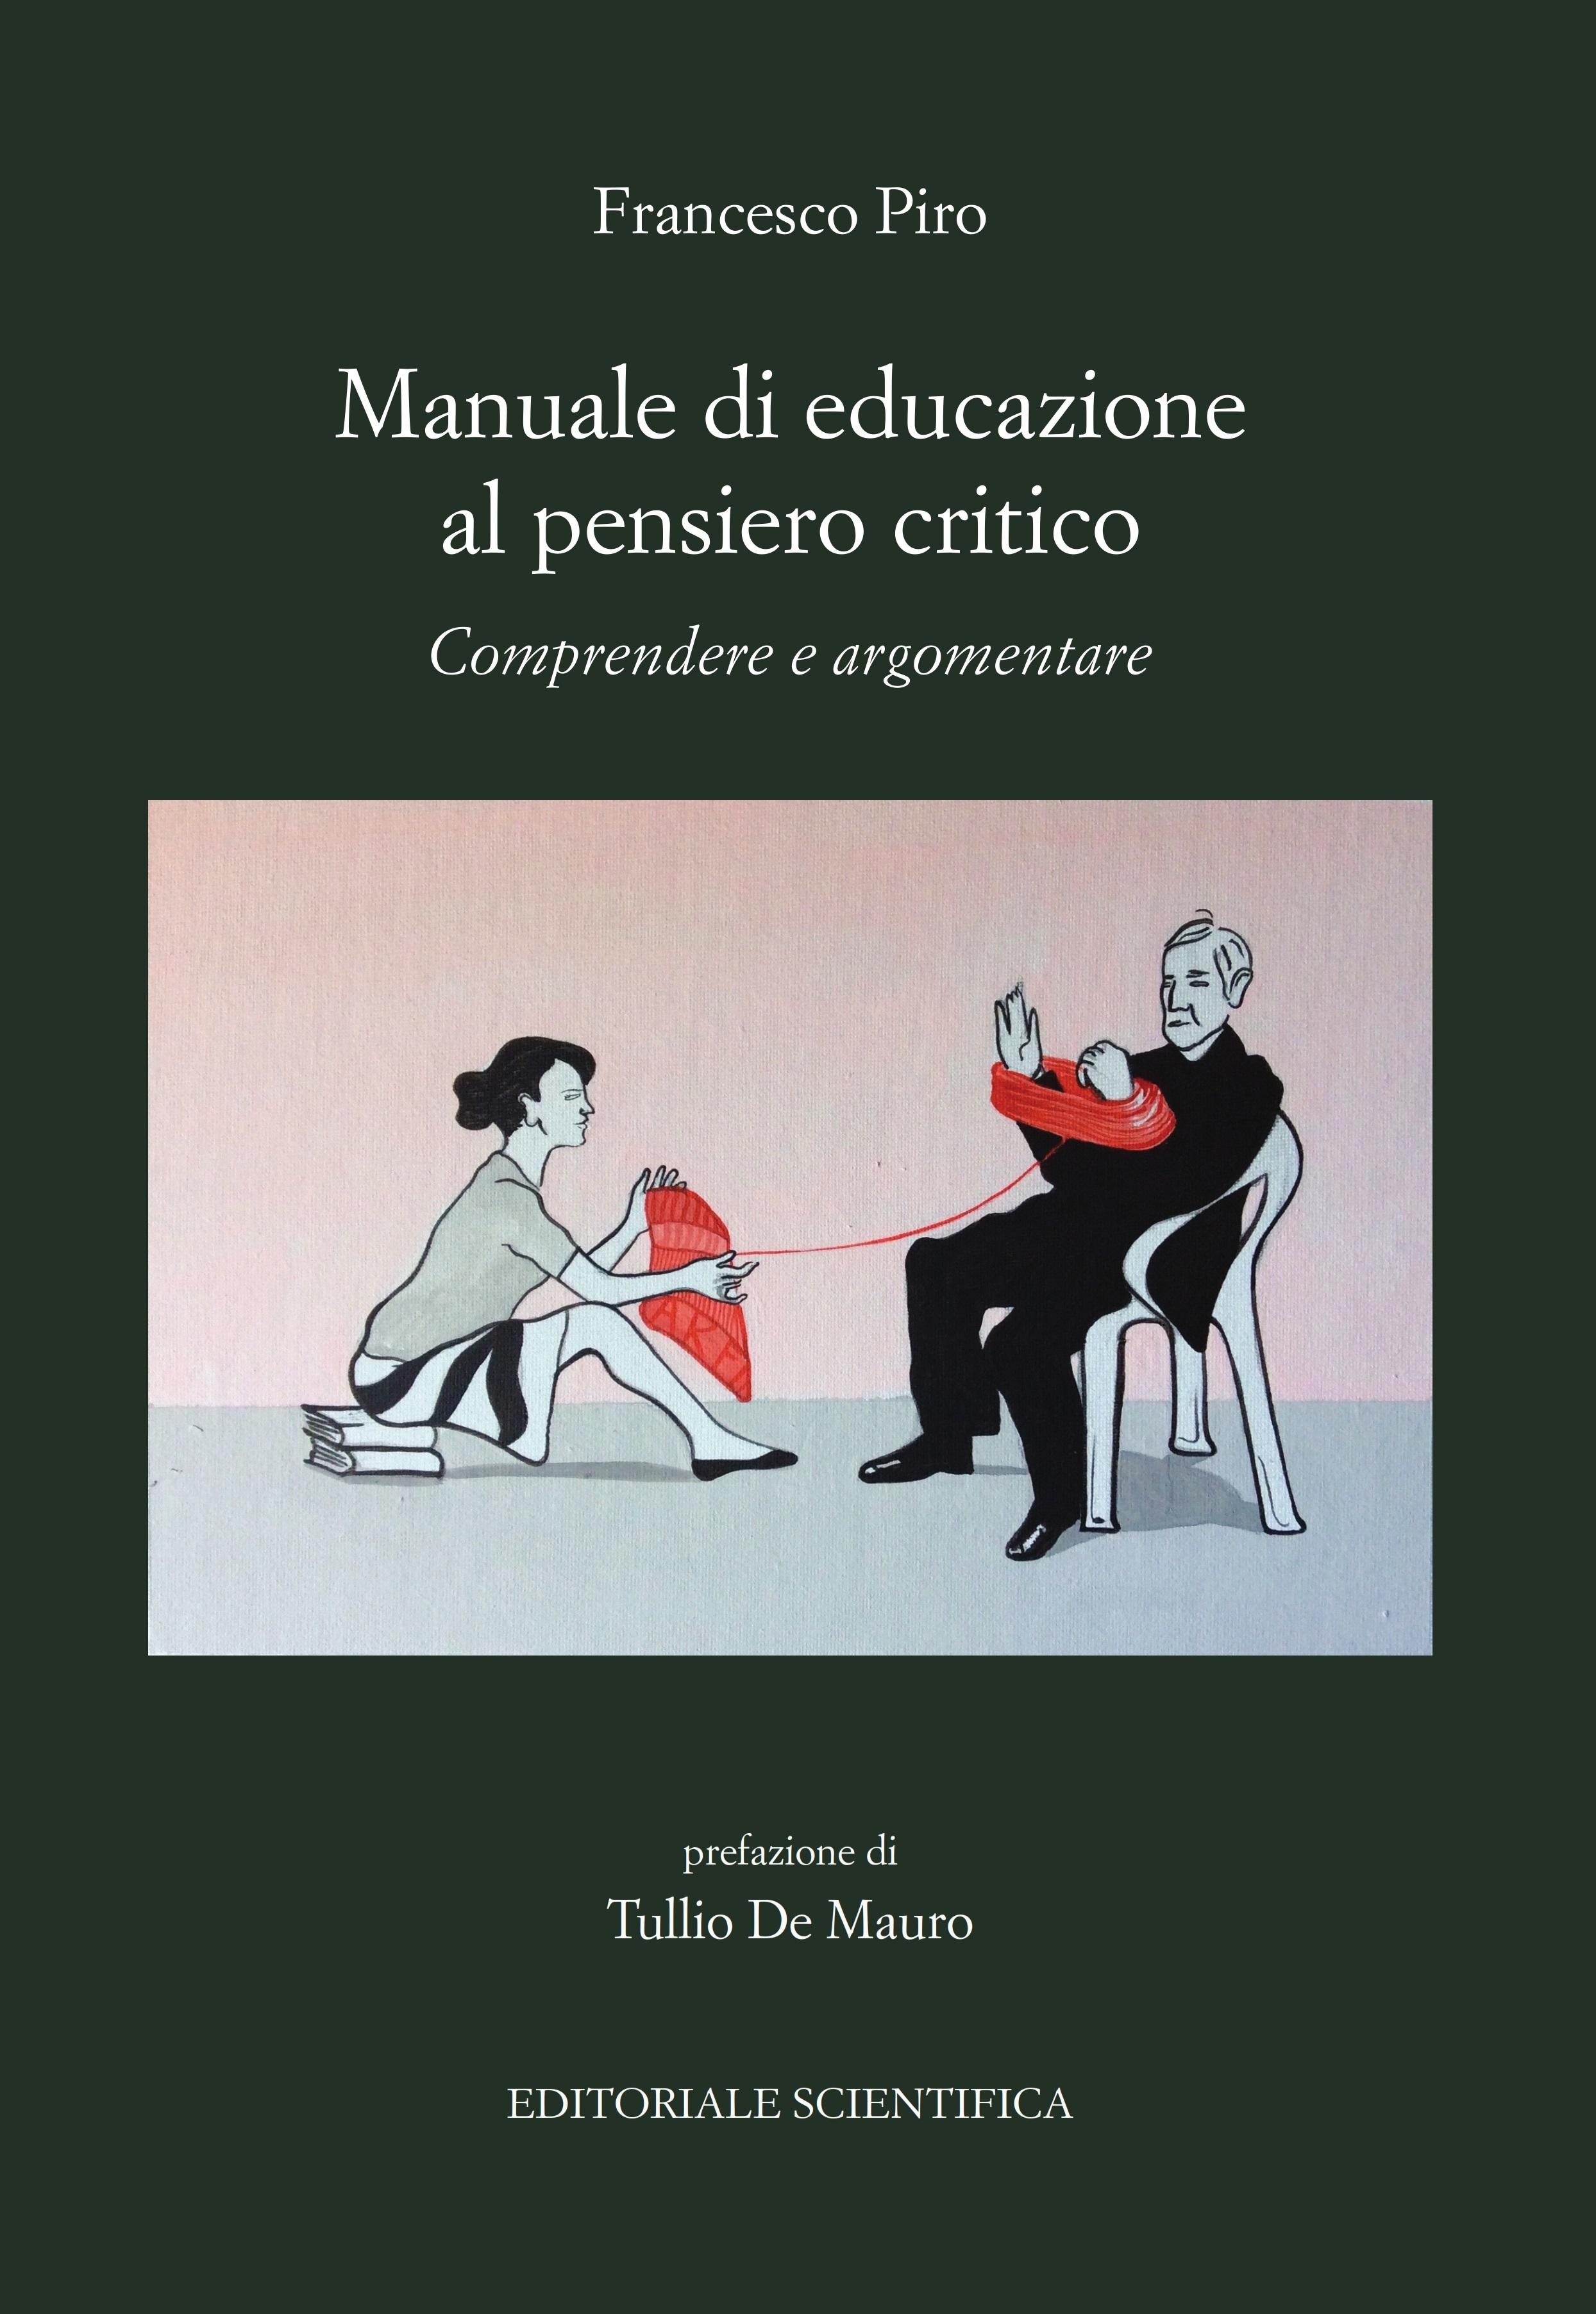 Manuale di educazione al pensiero critico